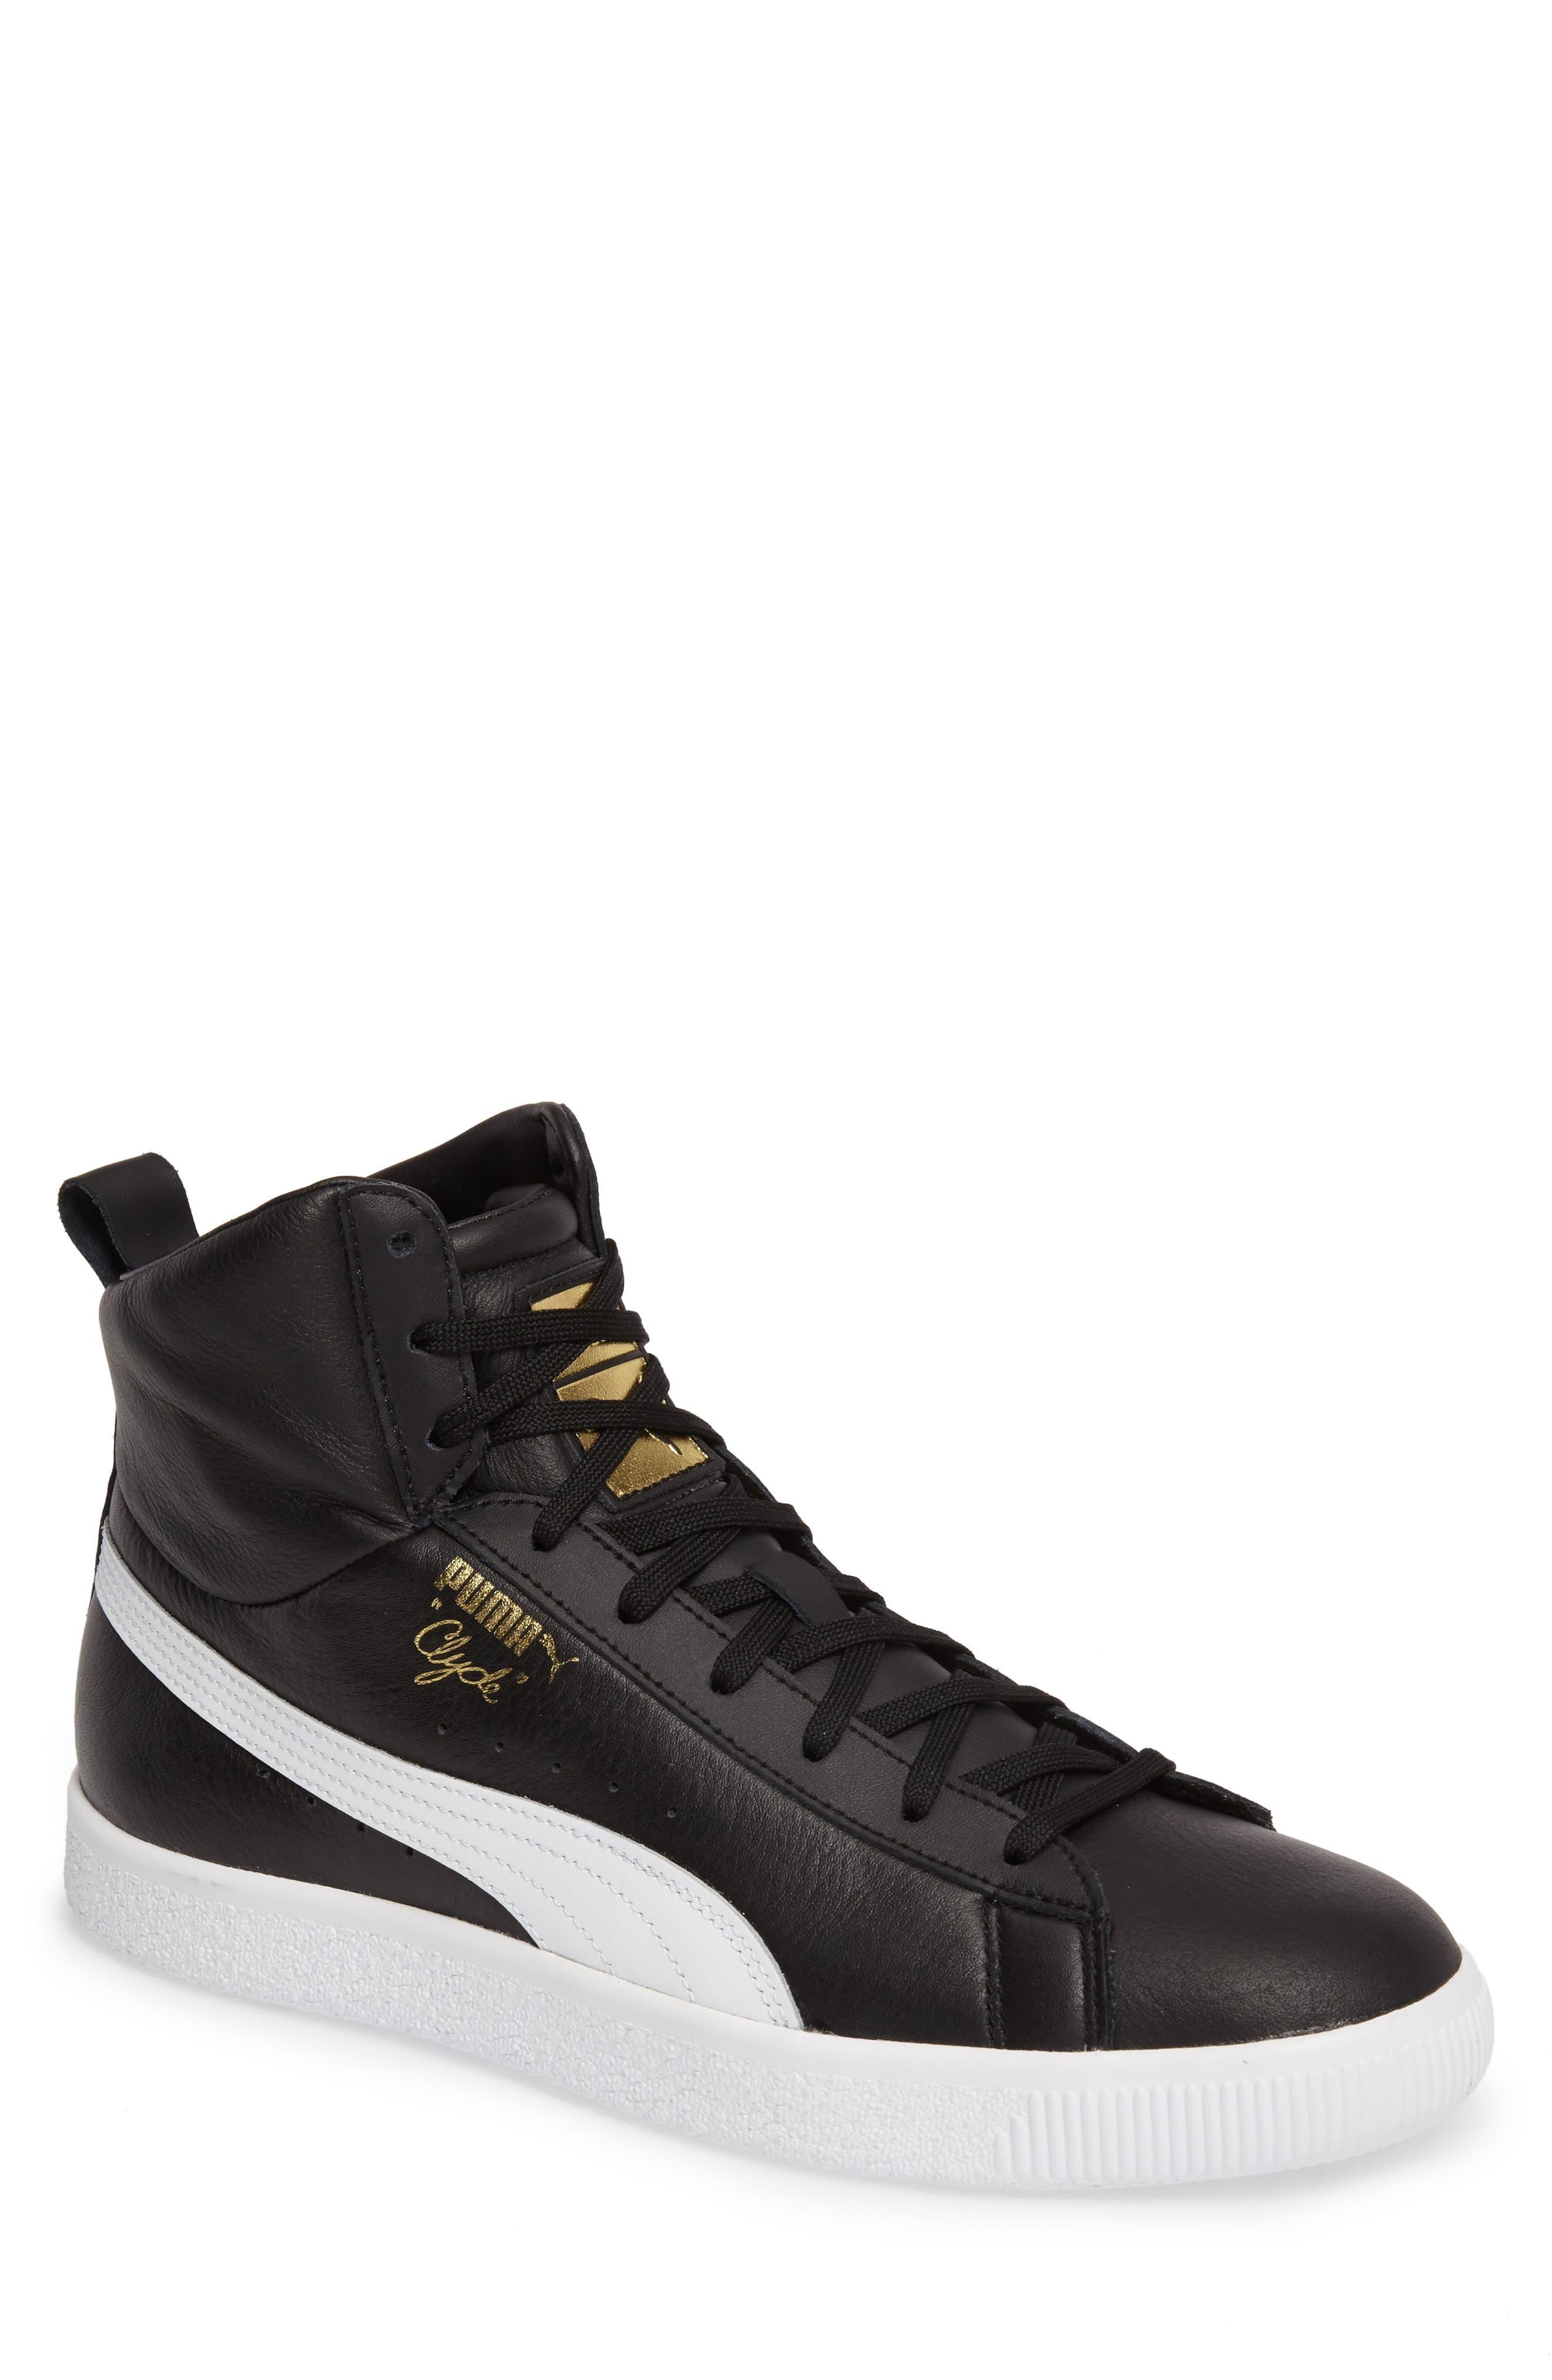 PUMA Clyde Mid Sneaker (Men)